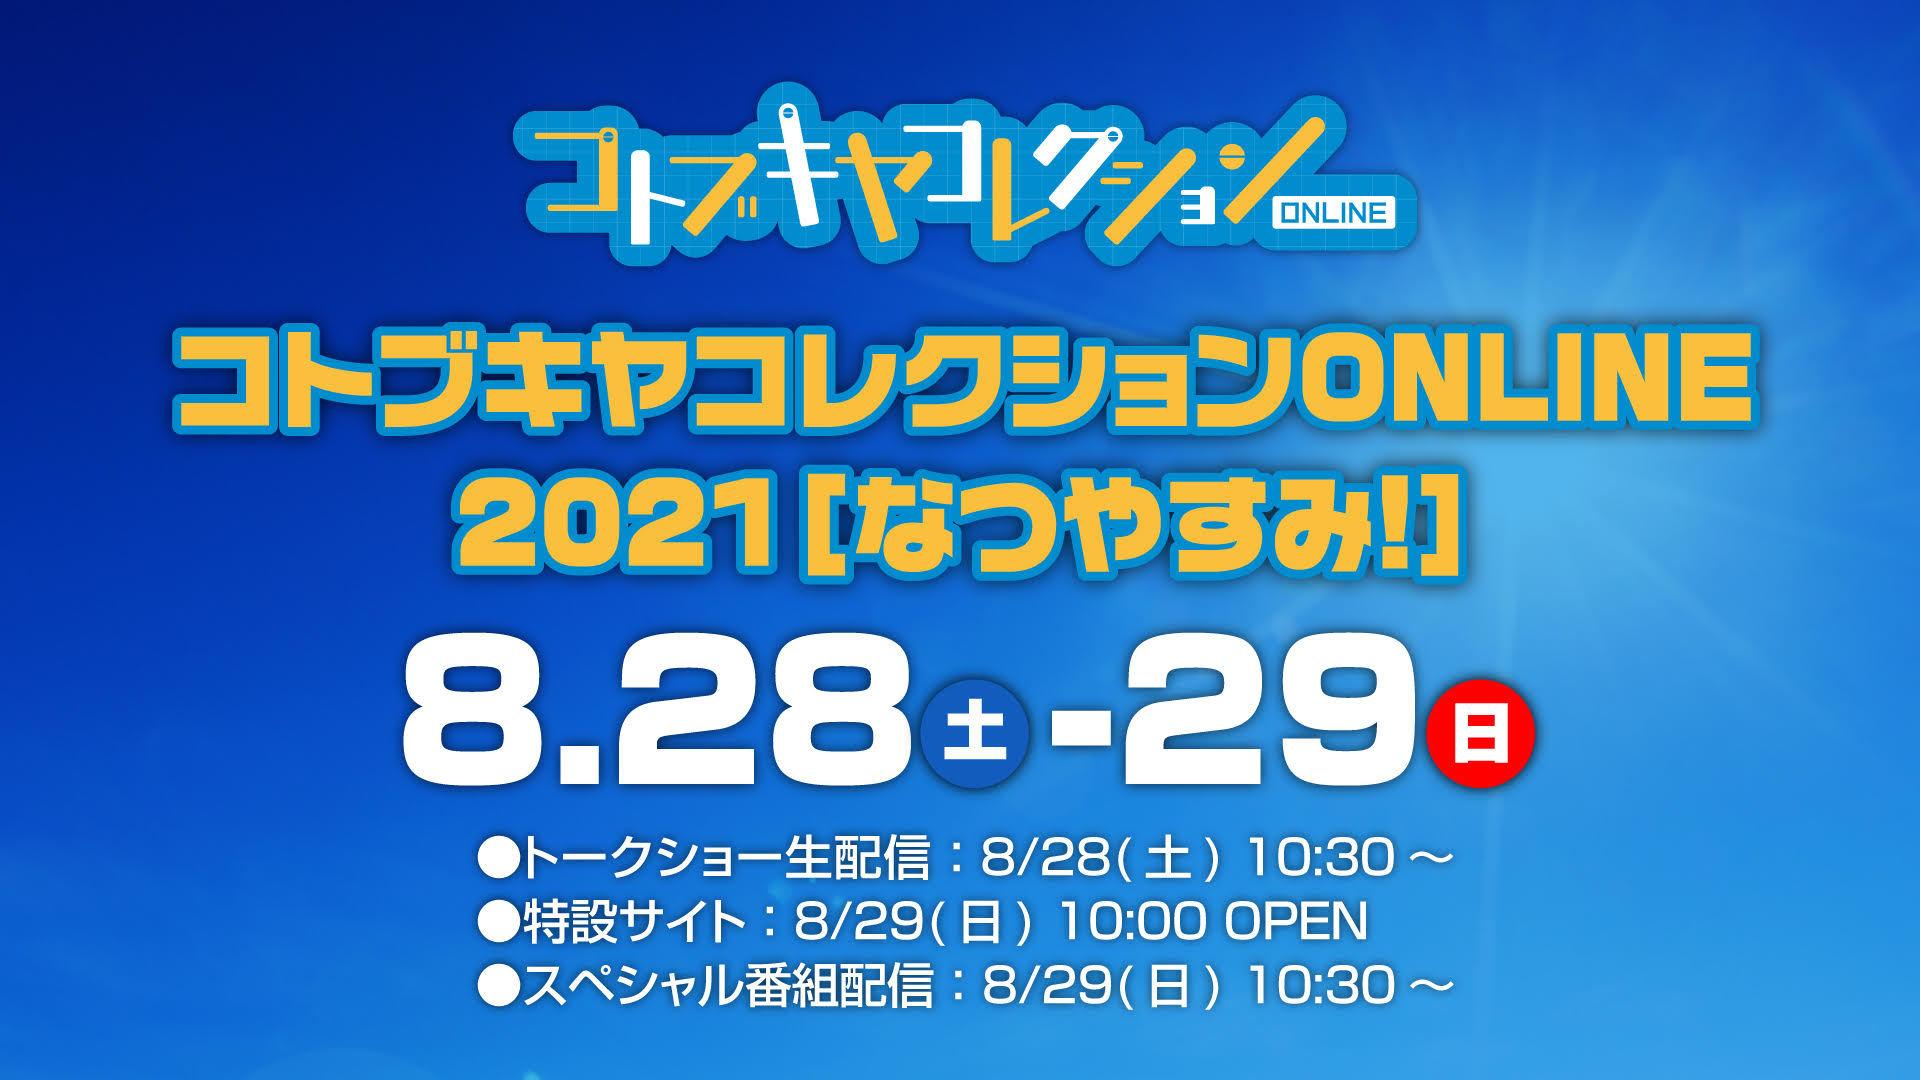 『コトブキヤコレクションONLINE 2021[なつやすみ!]』開催